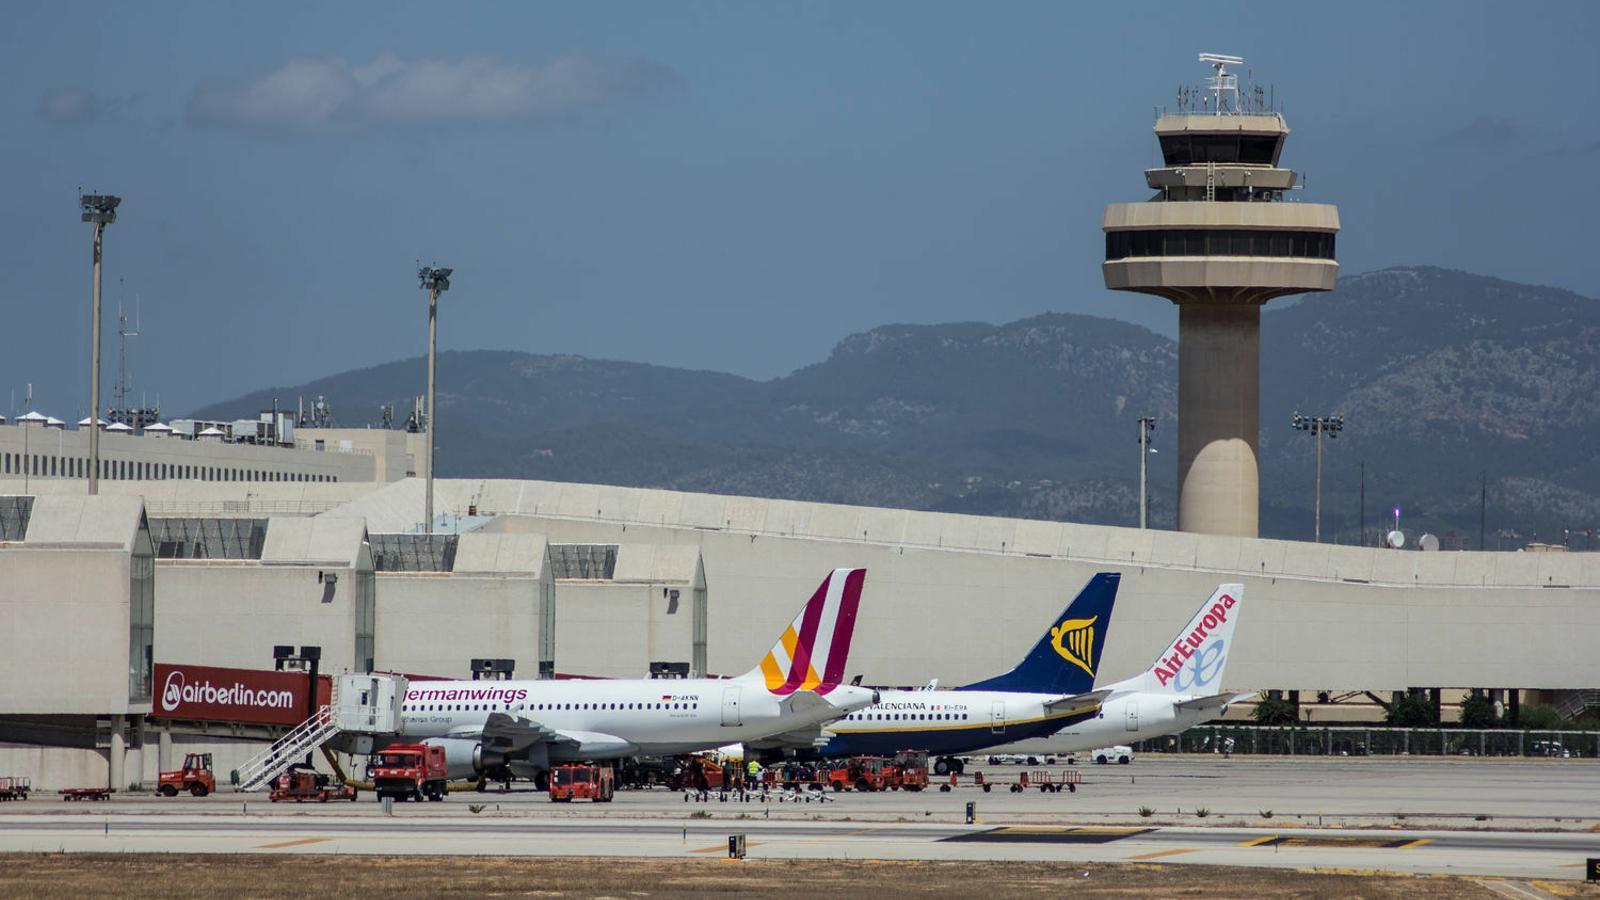 Cancel·len un 13% dels vols previstos per a aquest dilluns a l'aeroport de Palma